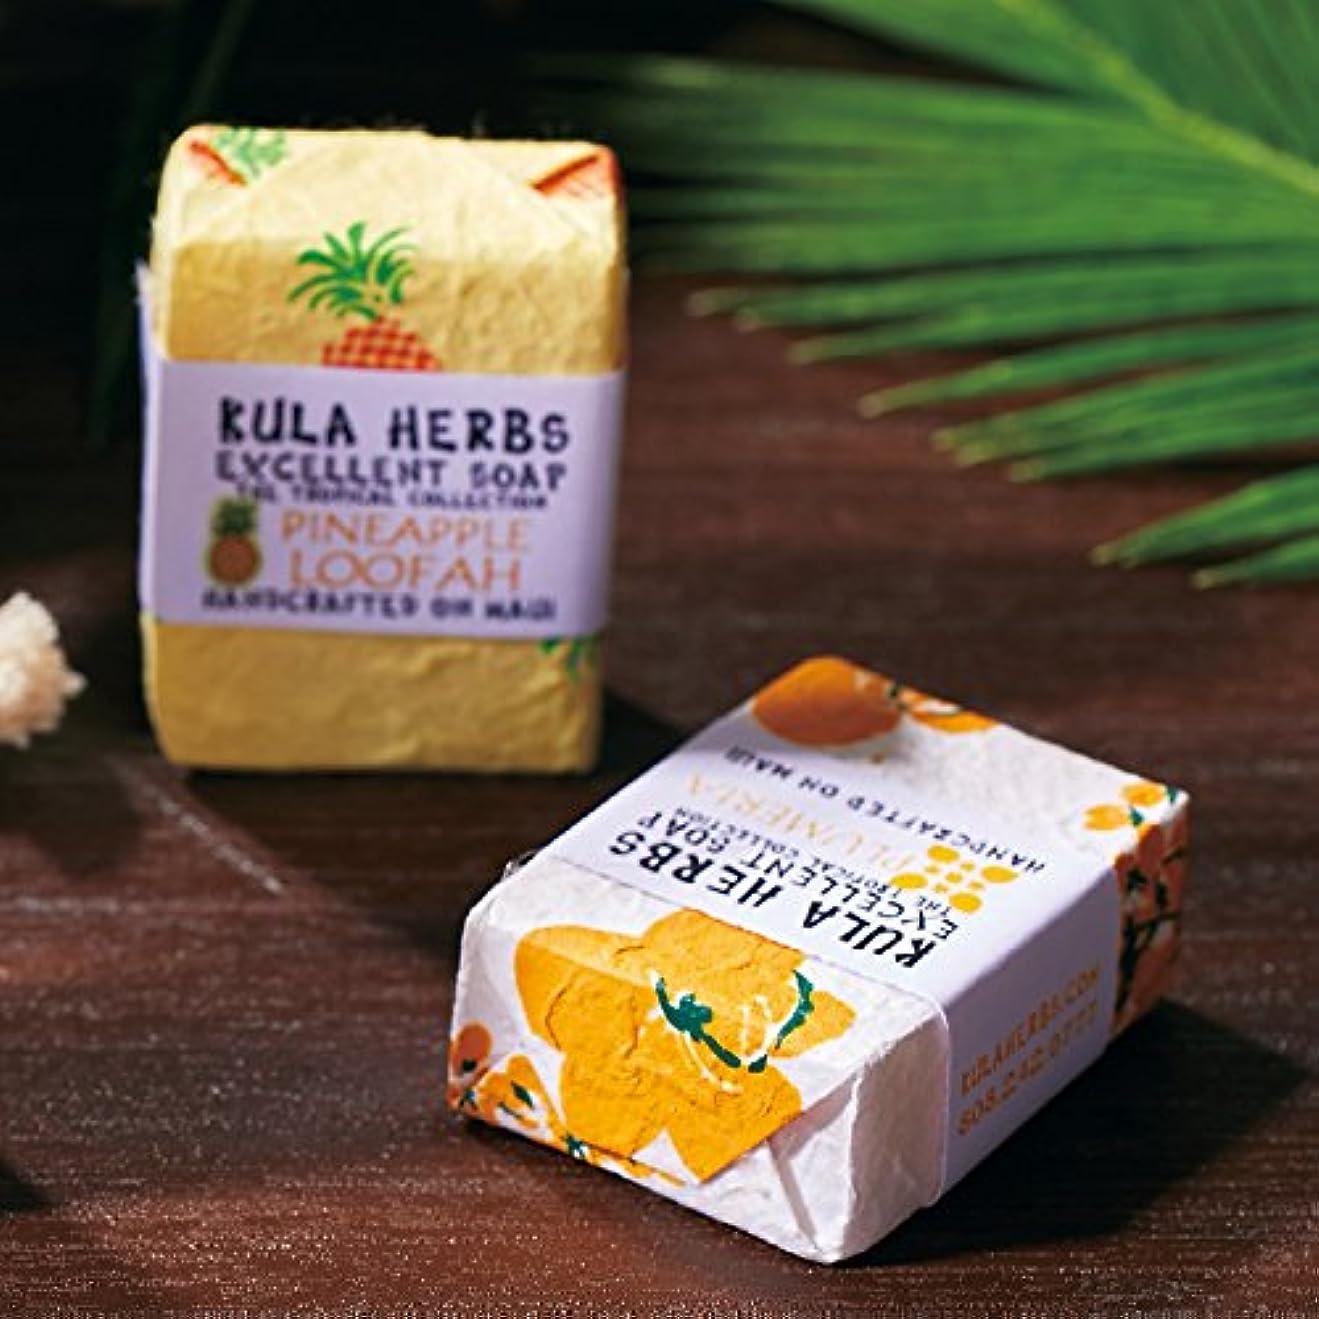 排気嫌がらせ資金ハワイ 土産 クラハーブス ソープ 2種4コセット(ミニミニポーチ付) (海外旅行 ハワイ お土産)